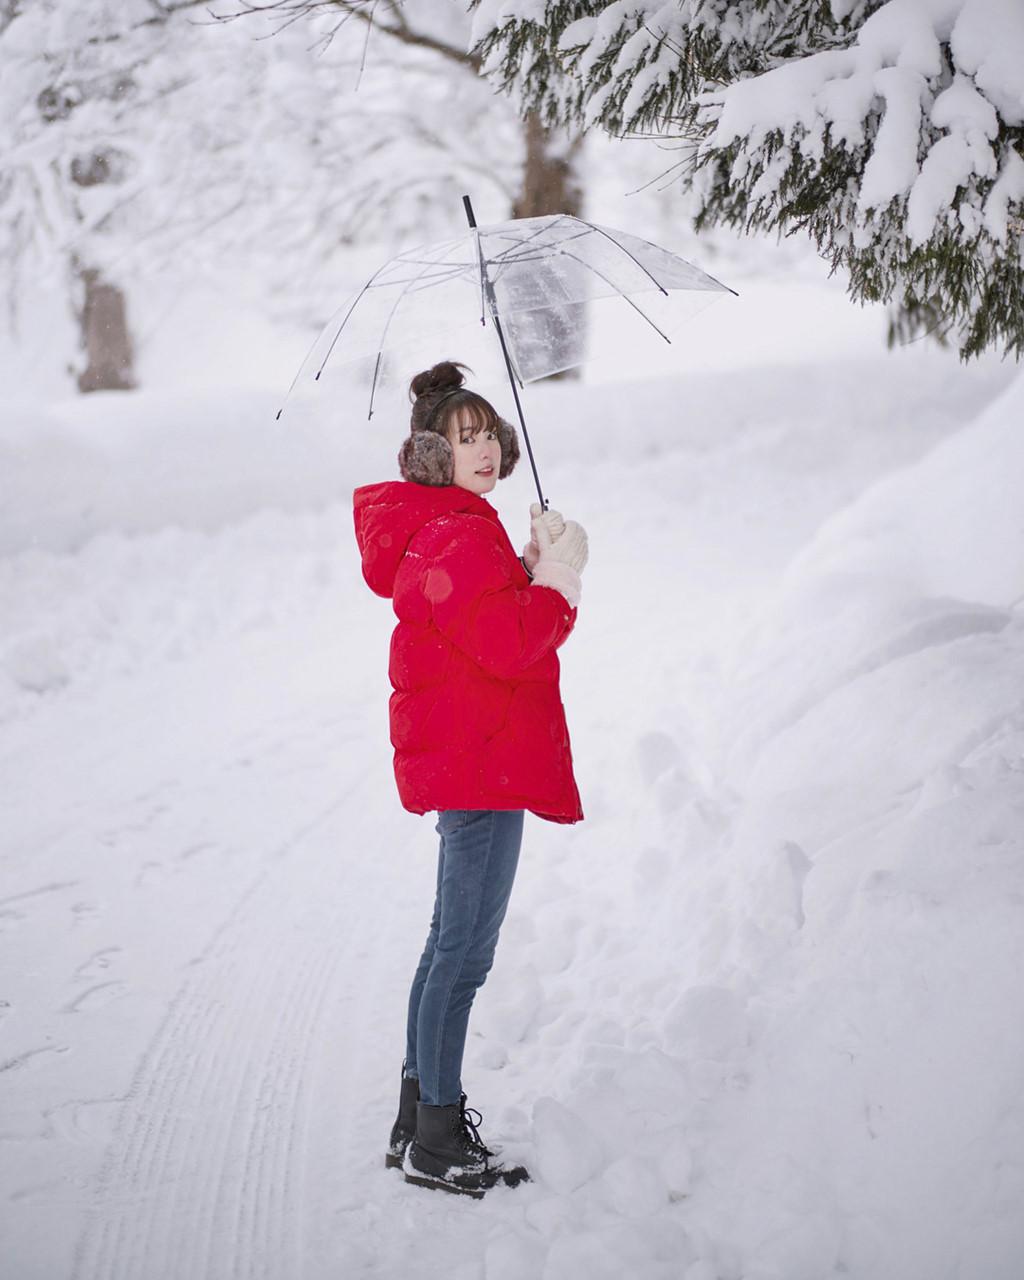 Pimtha thường chọn áo có tông màu nổi bật mỗi khi chụp hình với tuyết.